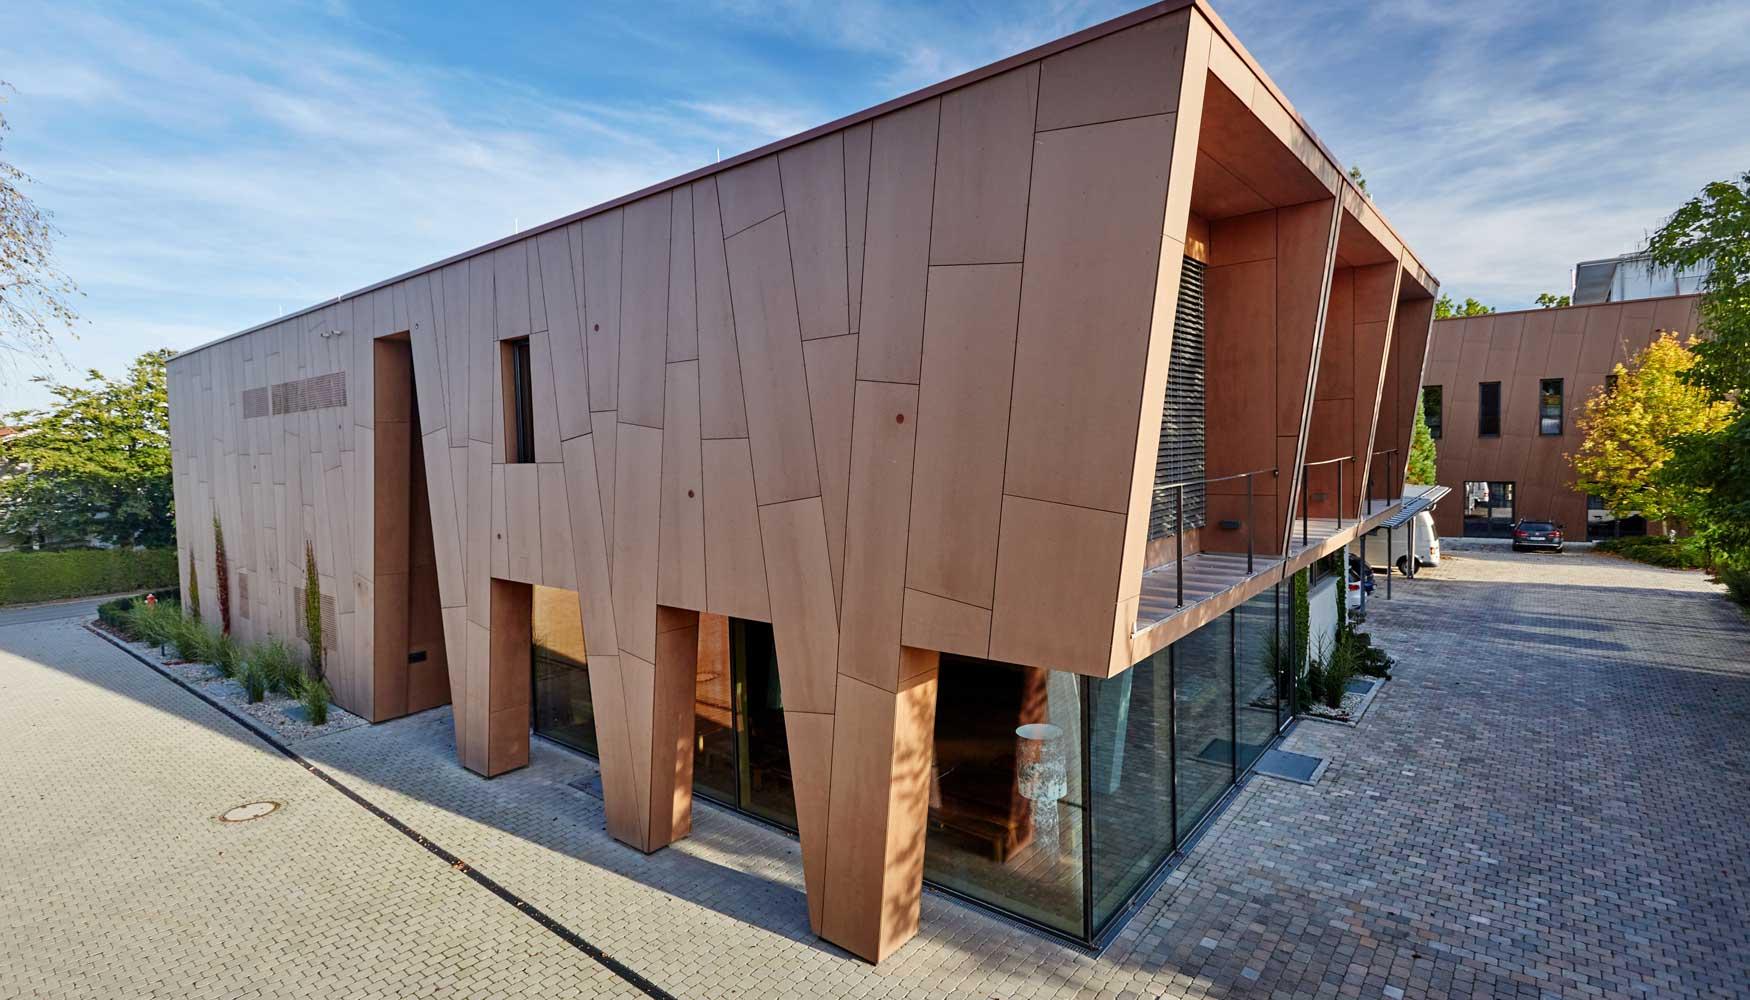 Una fachada viva en armon a con la naturaleza for Fachadas modernas para oficinas